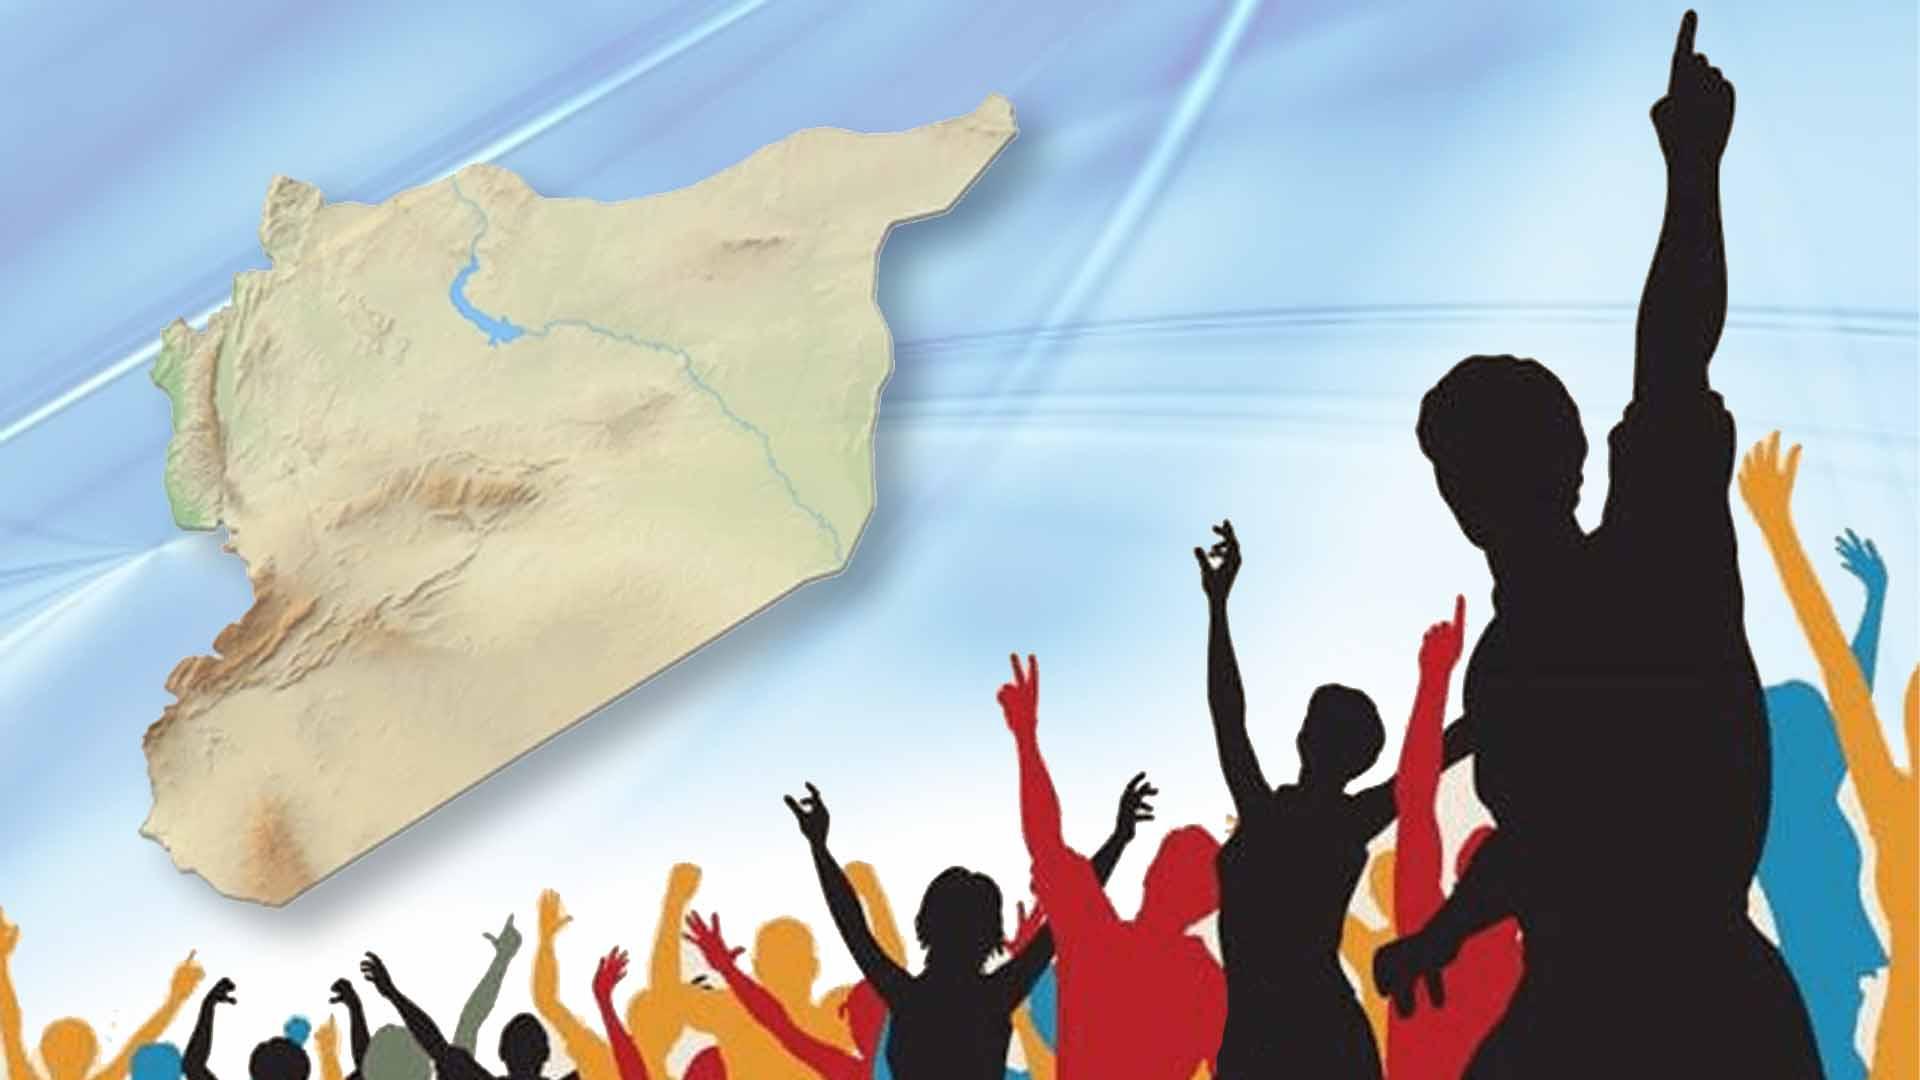 وسائل حماية وصياغة العقد الاجتماعي السوري الجديد